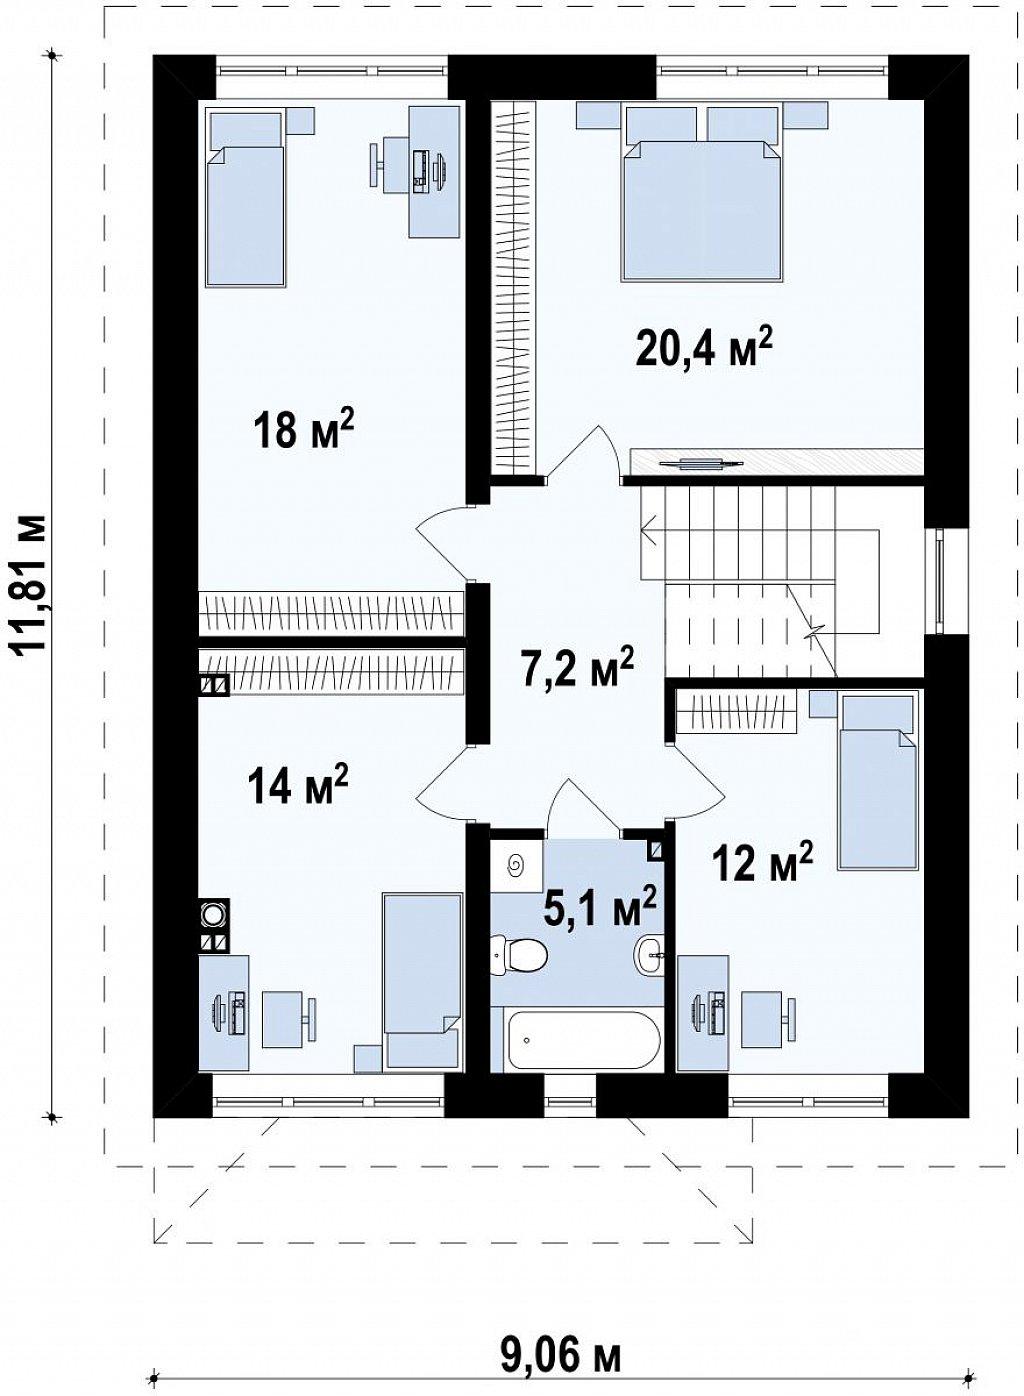 Двухэтажный дом традиционного дизайна план помещений 2